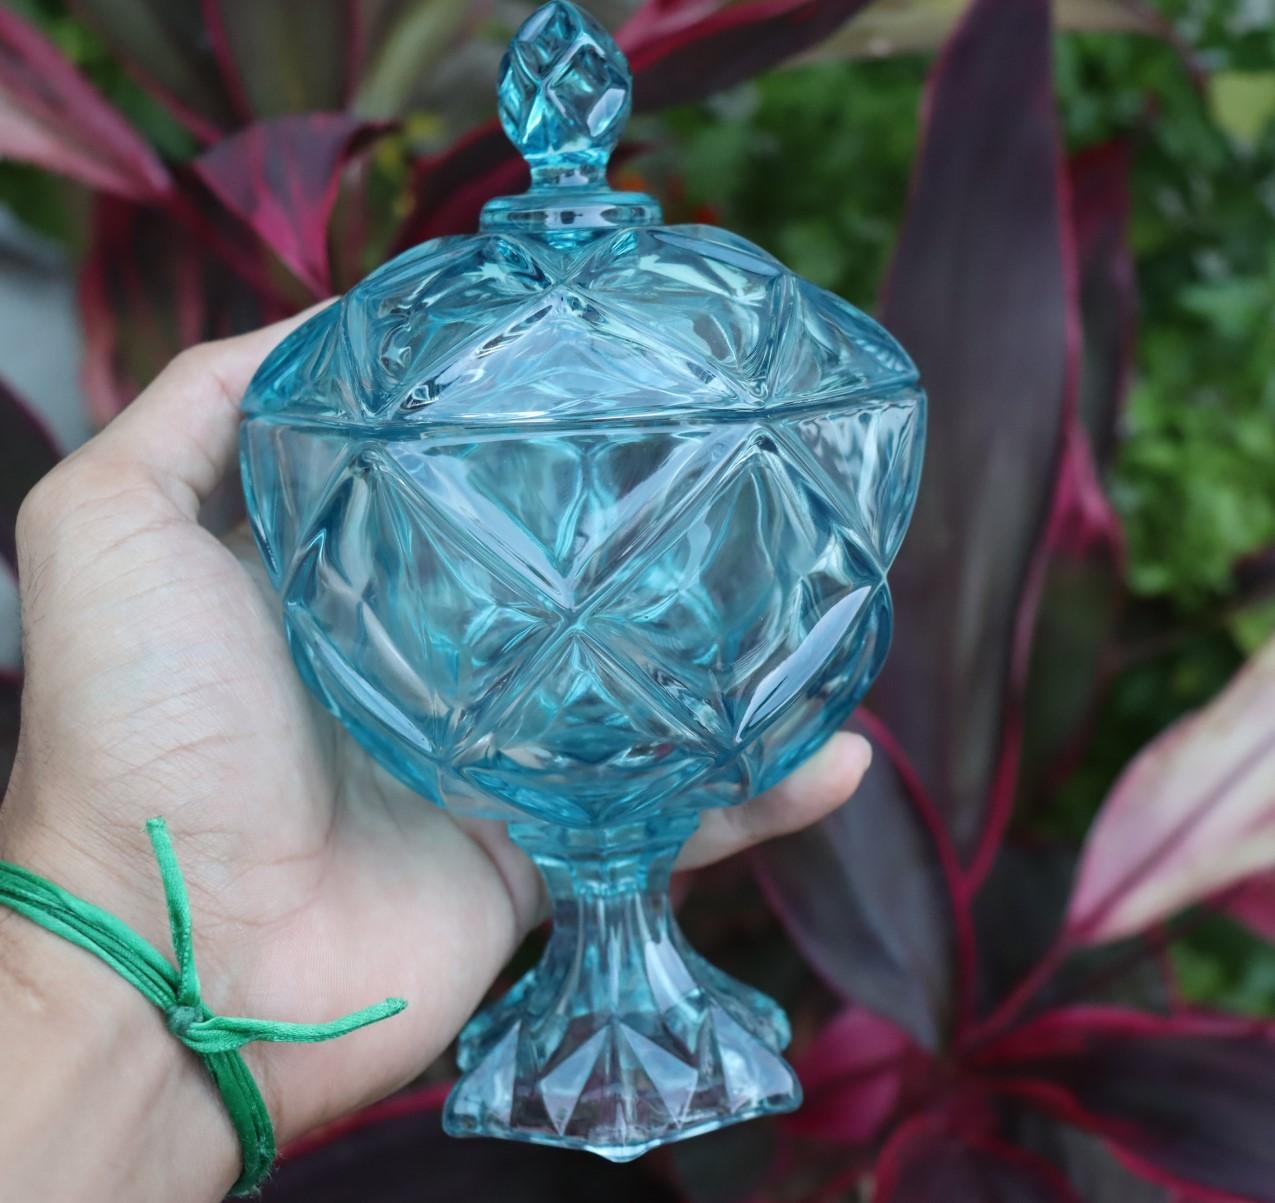 bomboniere de vidro potiche cristal baleiro enfeite decorativo Azul